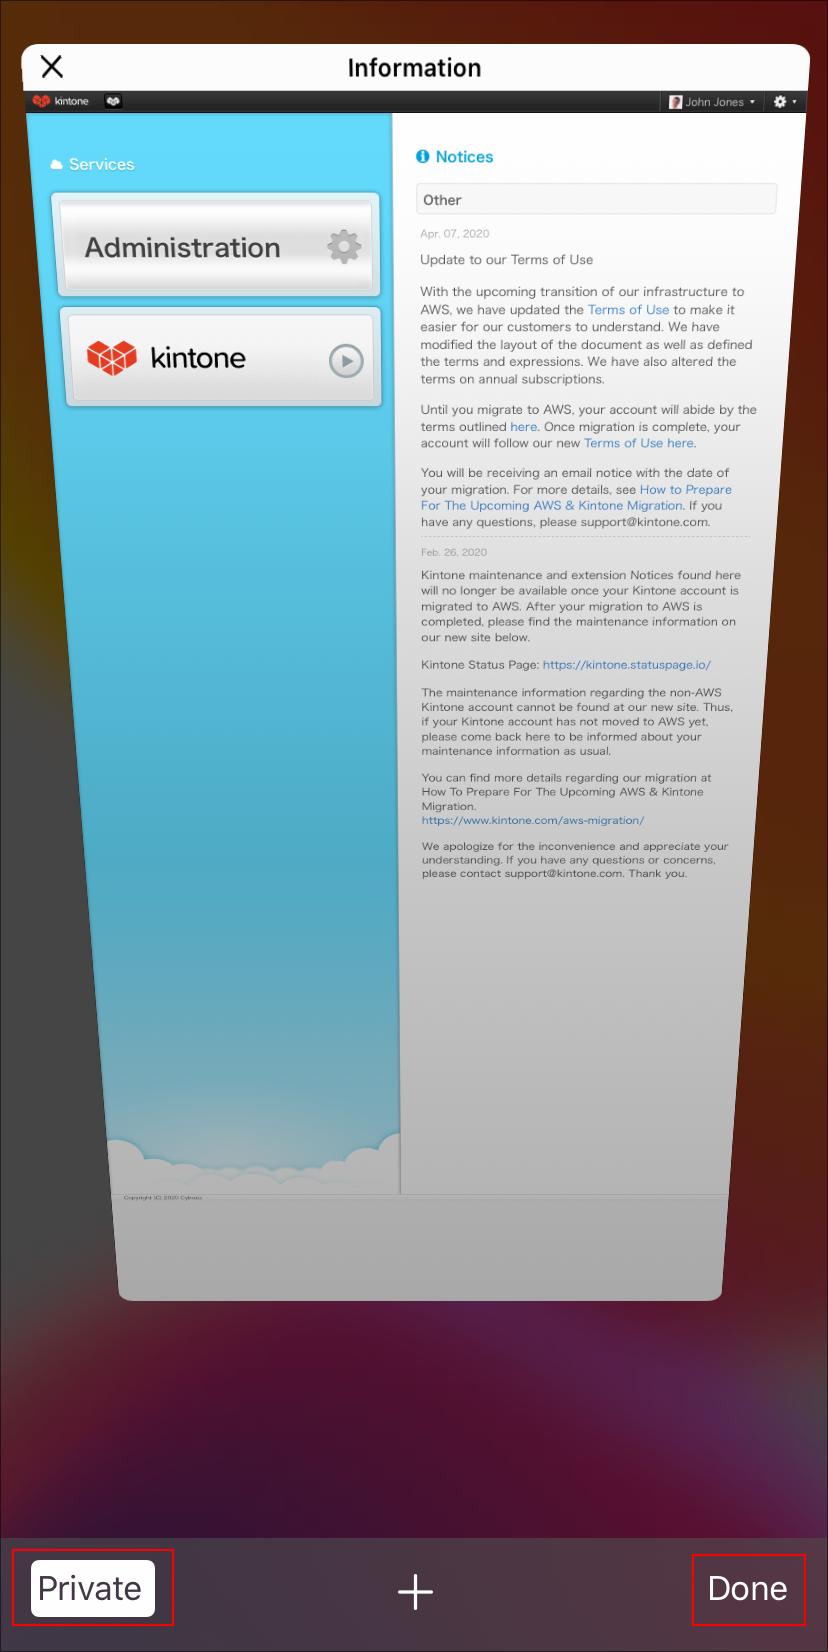 将无痕浏览功能从启用切换为禁用的图片